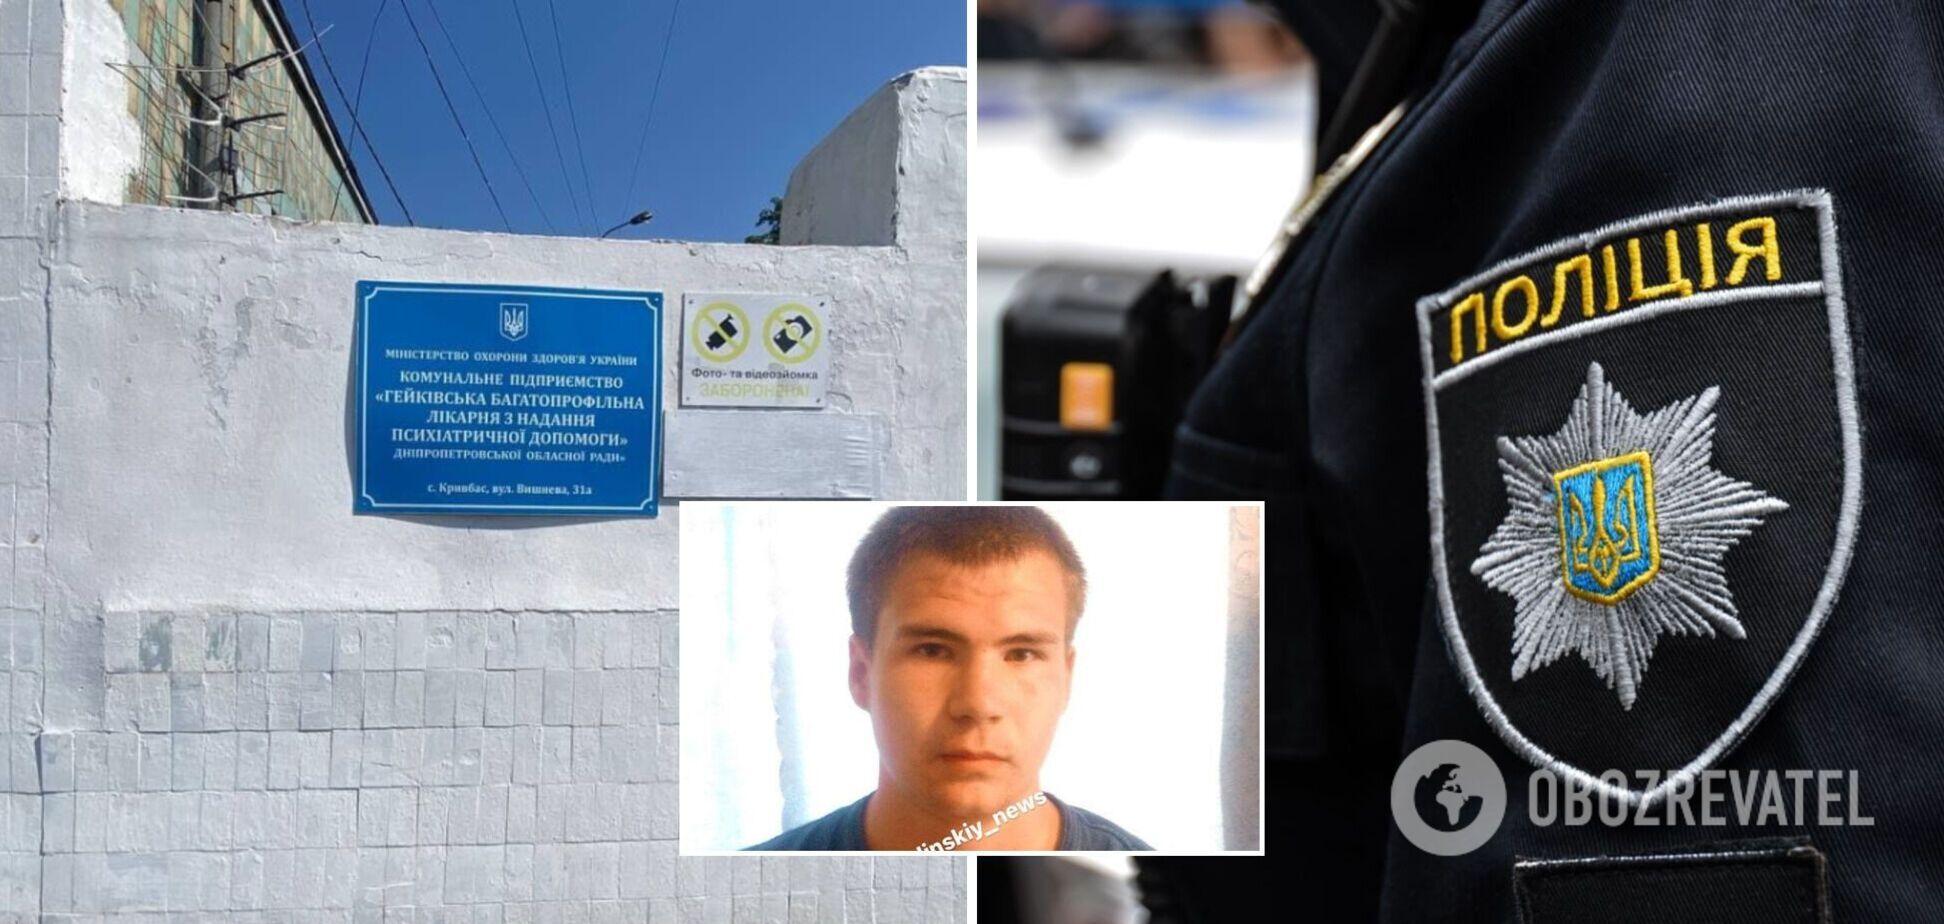 Під Кривим Рогом затримали пацієнта психіатричної лікарні, який вбив медбрата